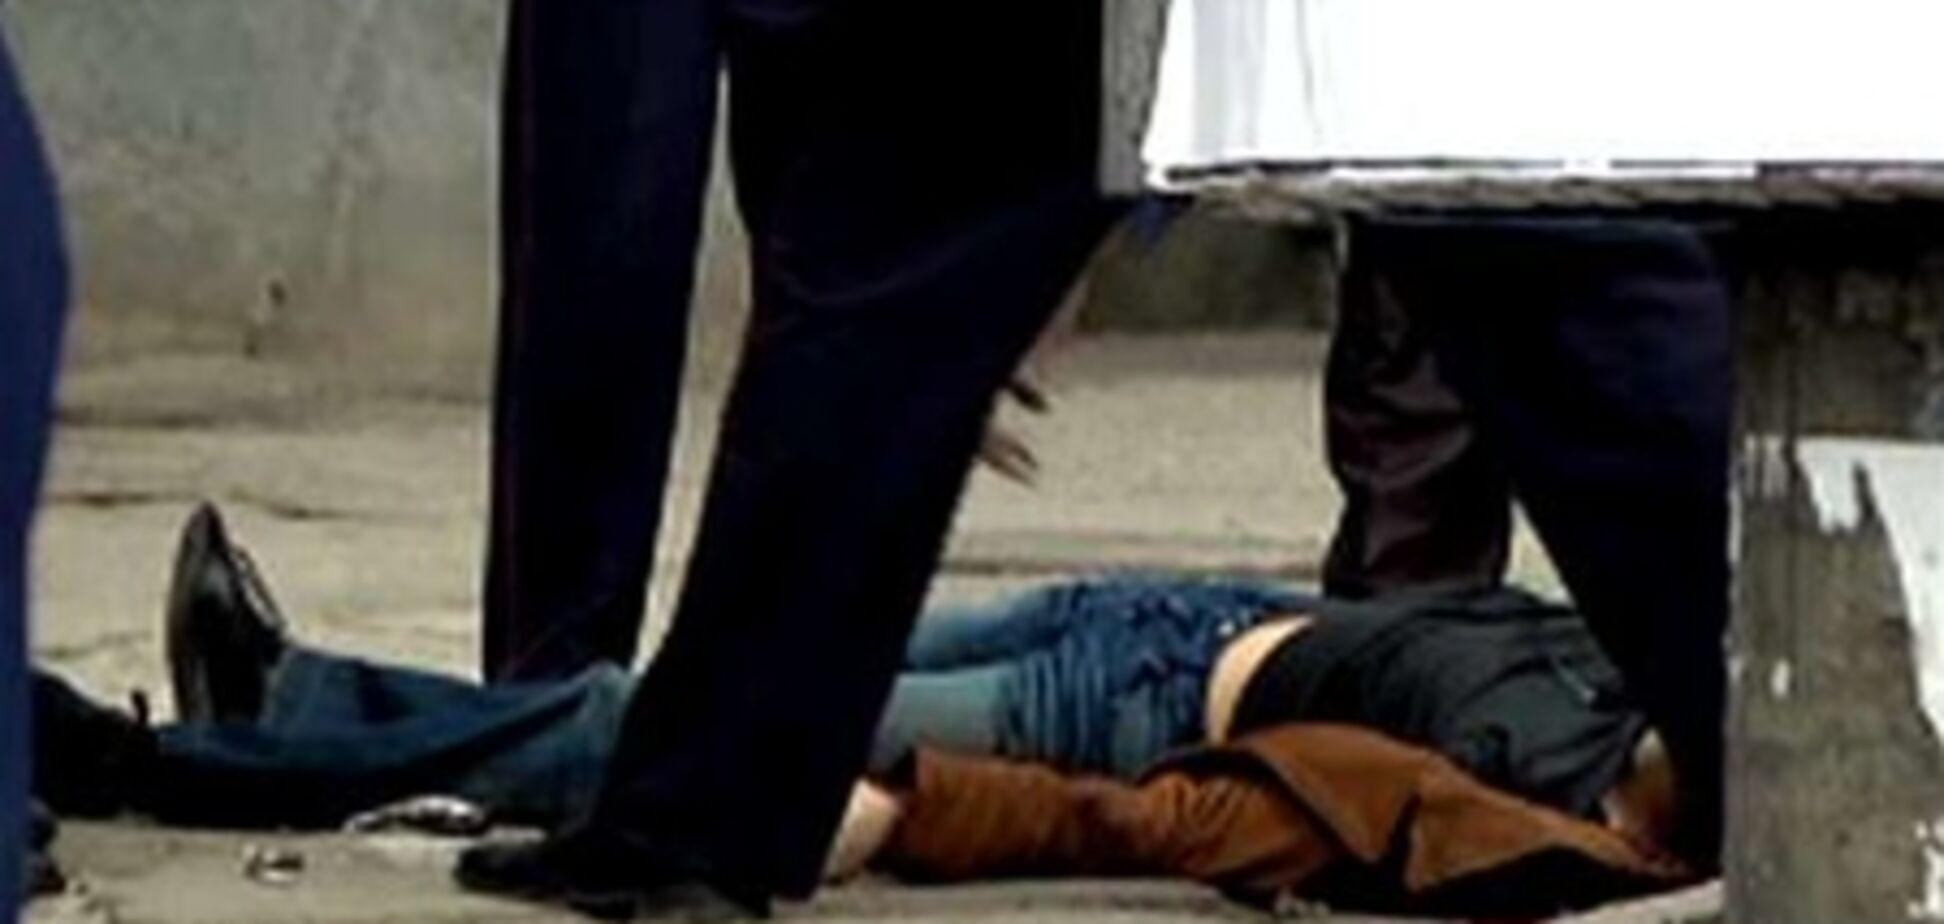 Убийство Аксельрода: в машине находились жена и дочь?